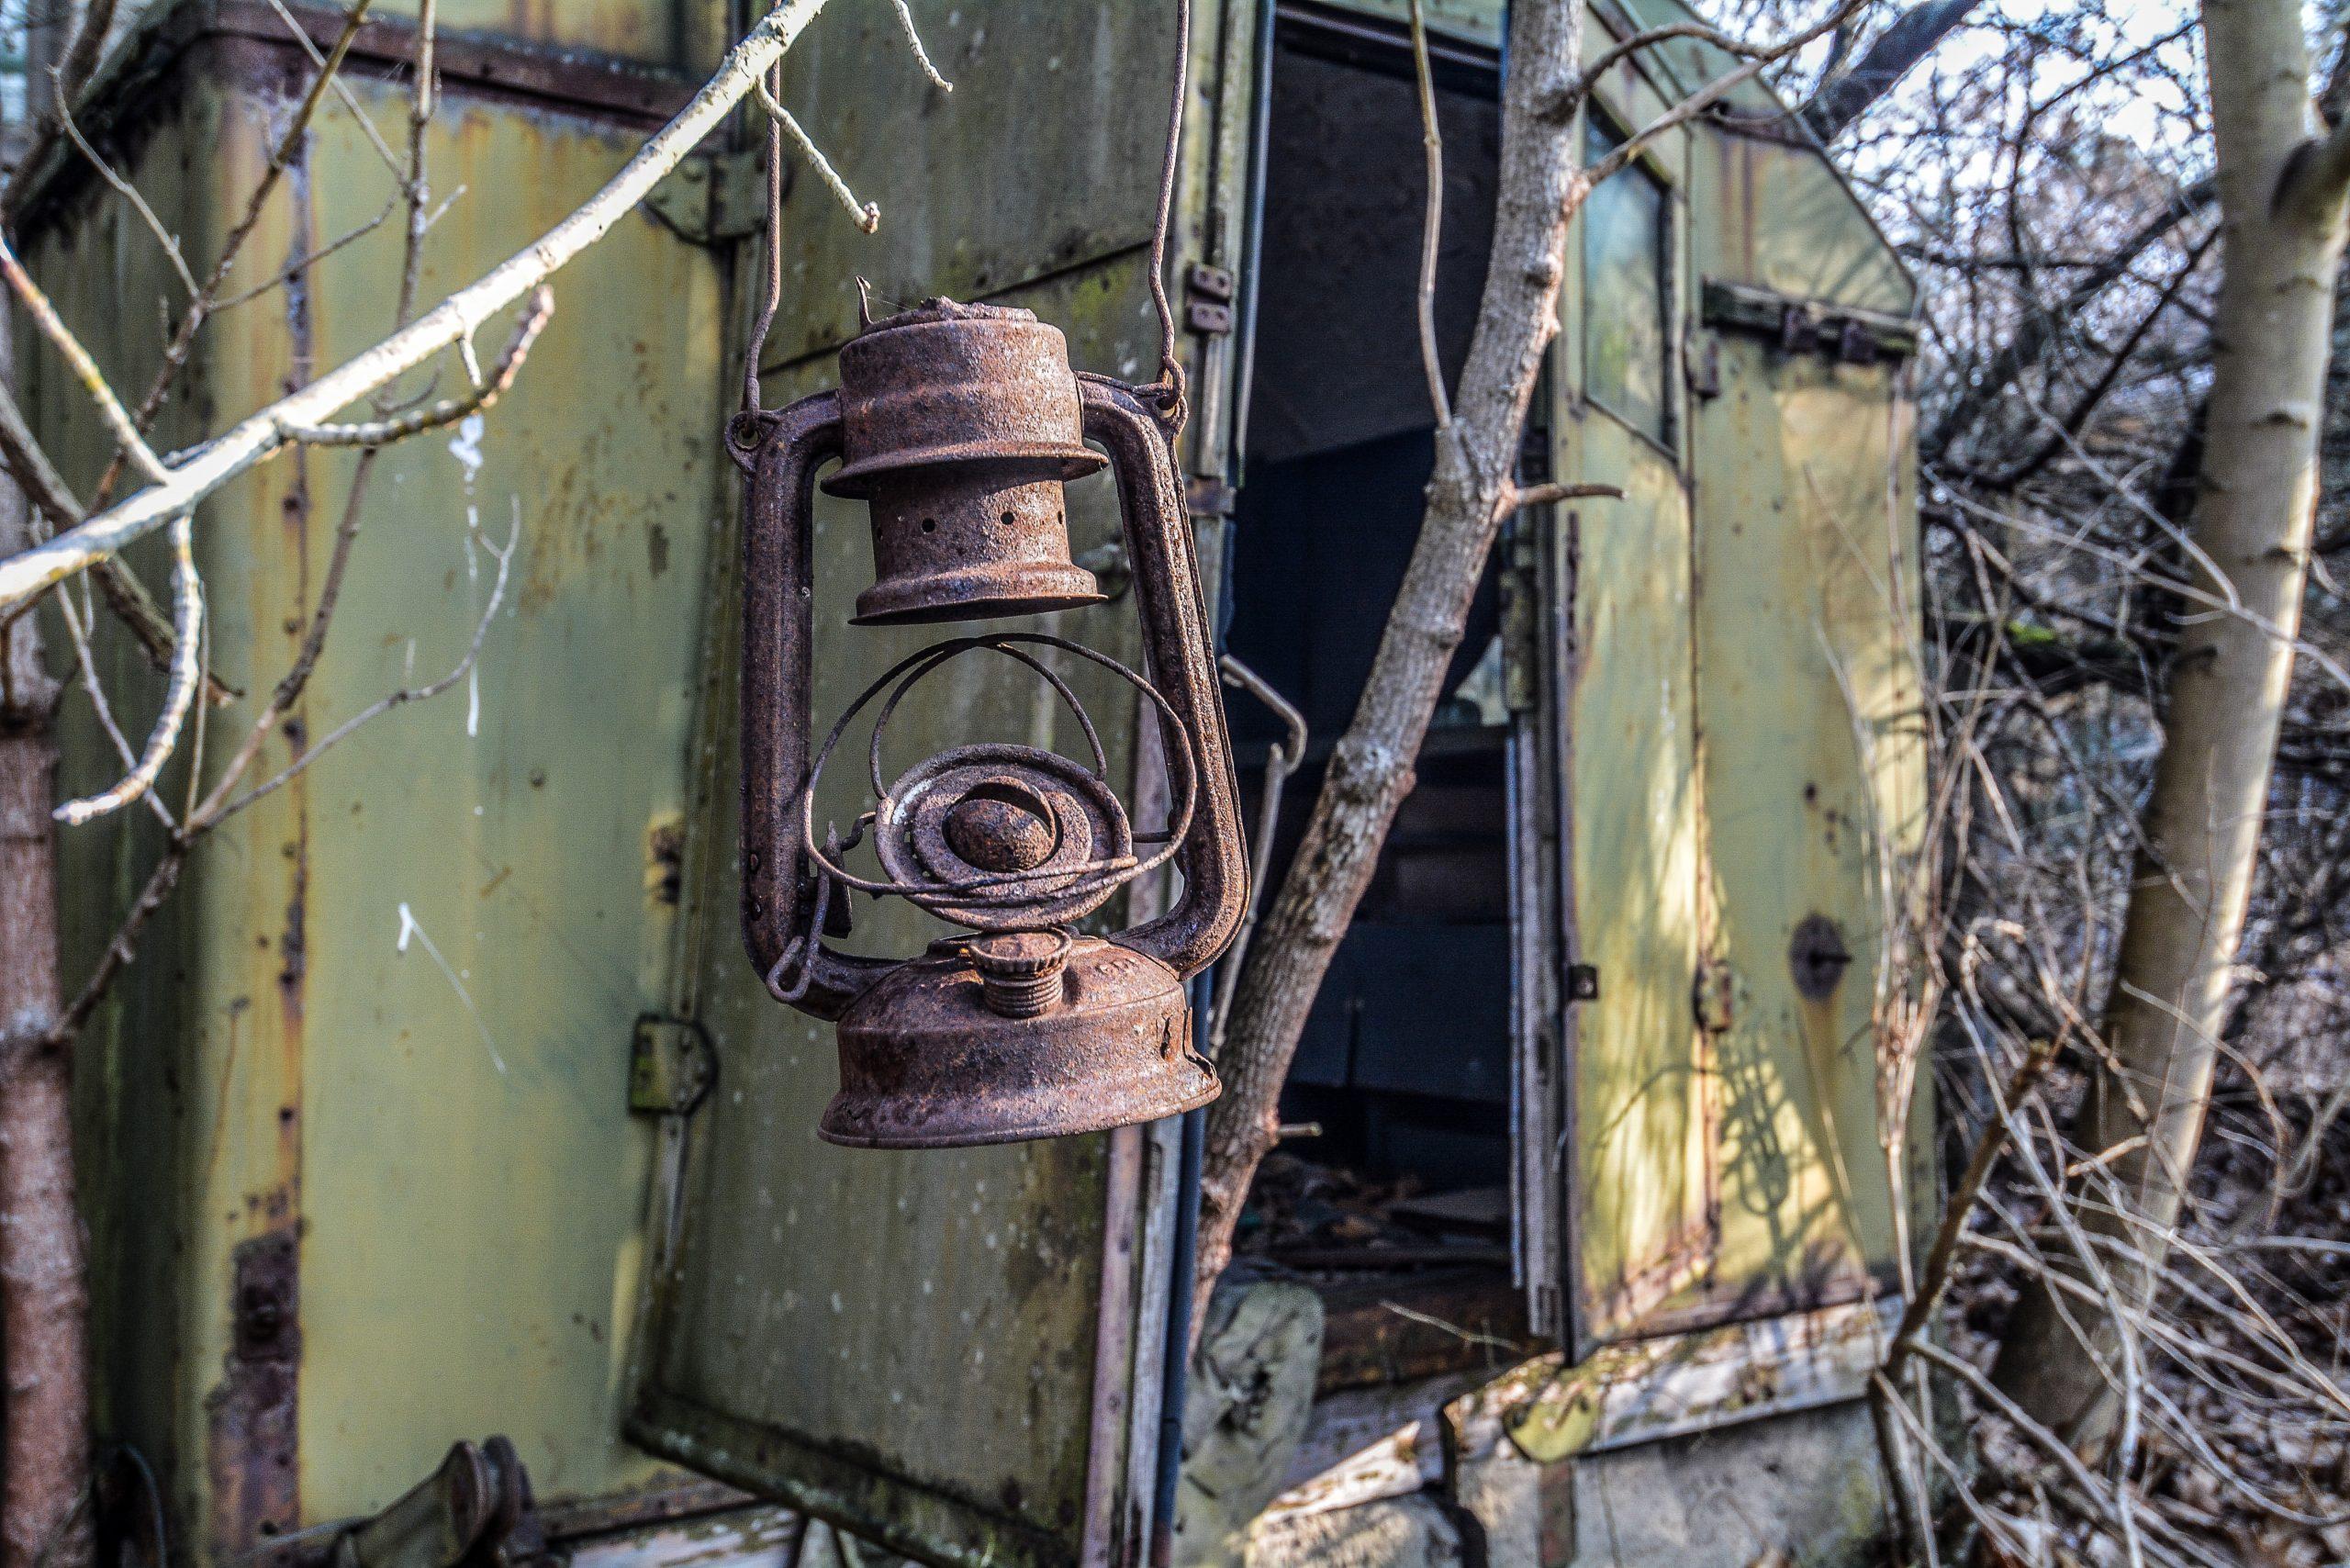 old soviet oil lamp forst zinna adolf hitler lager luckenwalde juterbog sowjet kaserne soviet military barracks germany lost places urbex abandoned